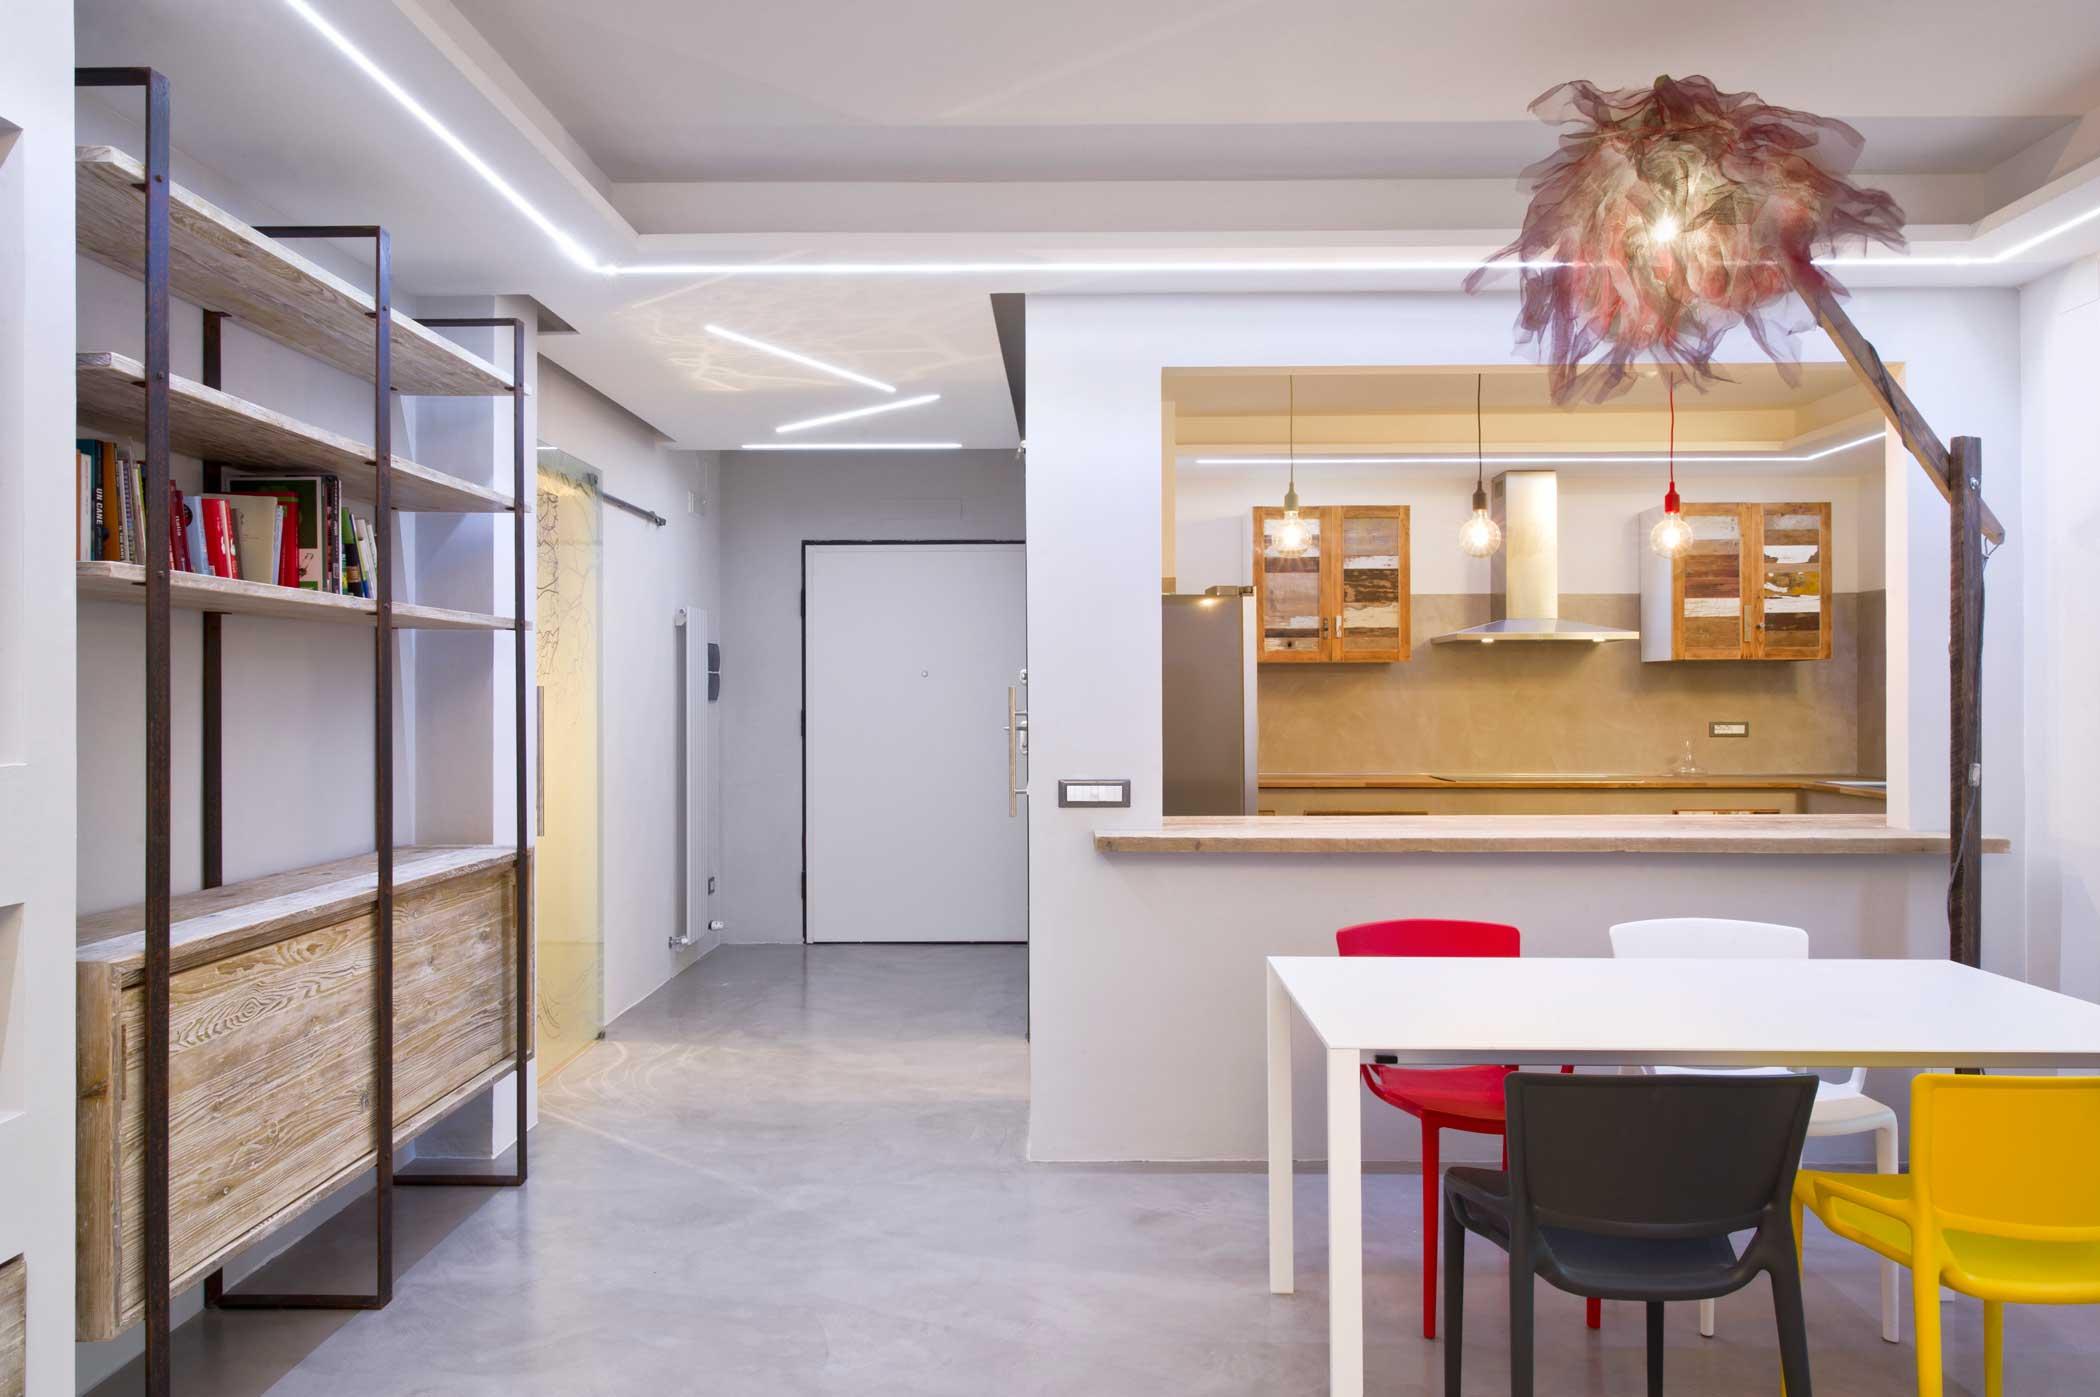 Soggiorno e cucina in stile industriale